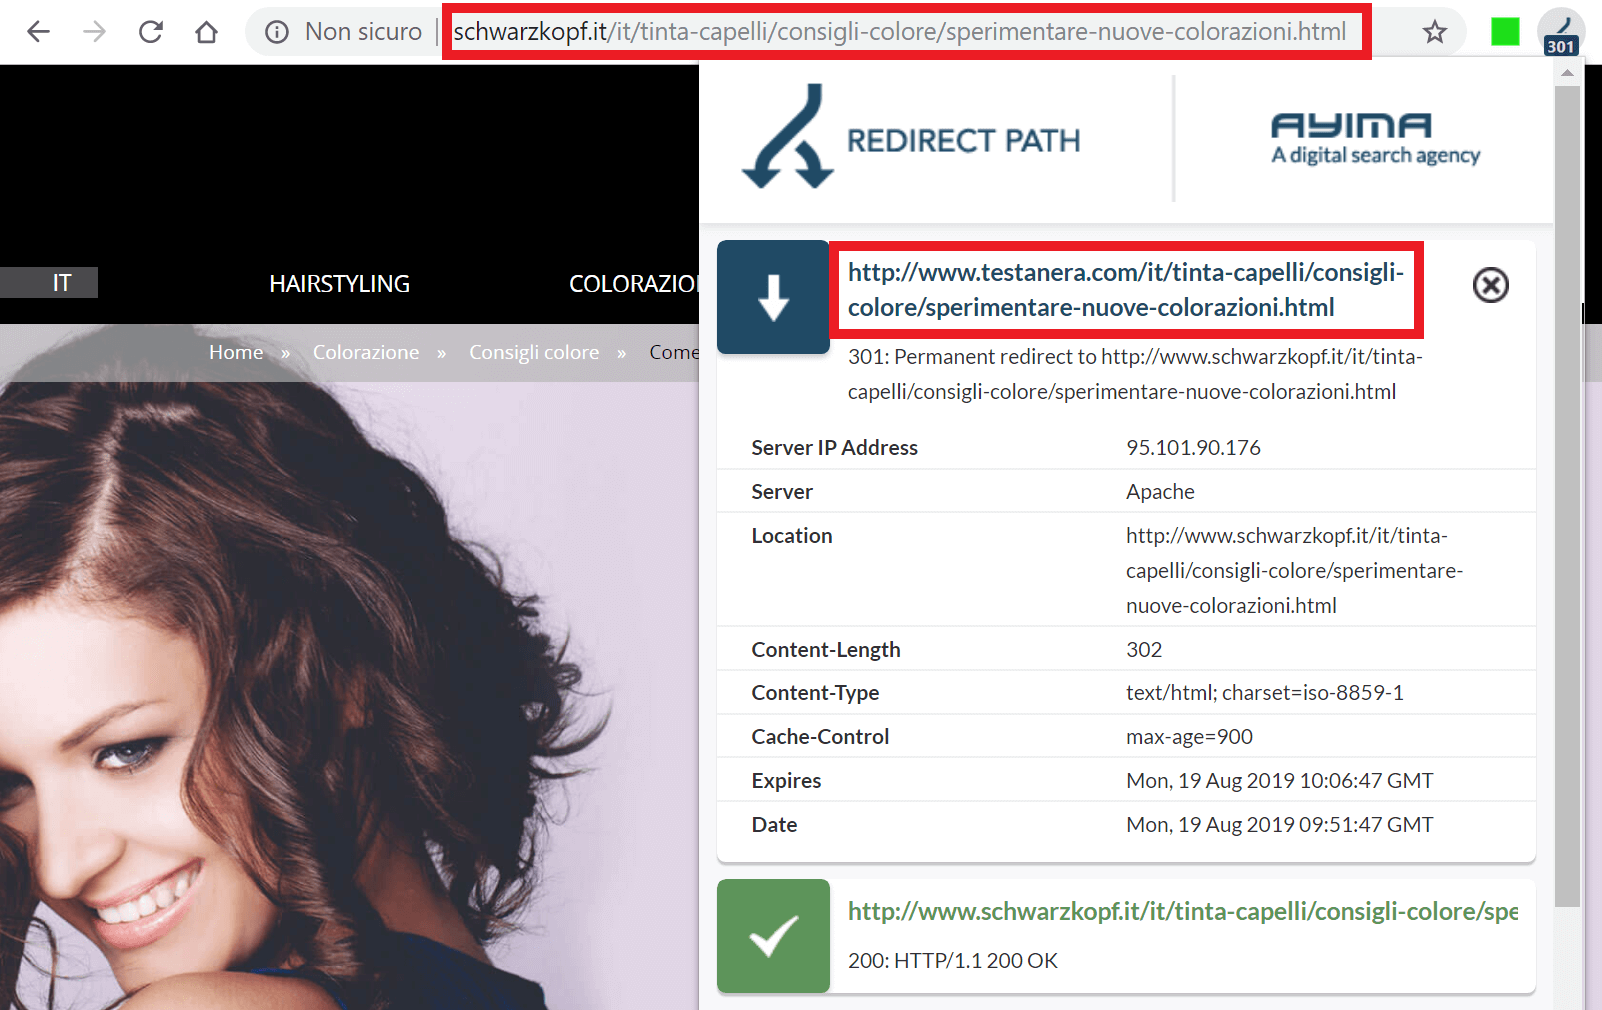 Ayima mostra che l'URL di testanera.com è stato reindirizzato a schwarzkopf.it